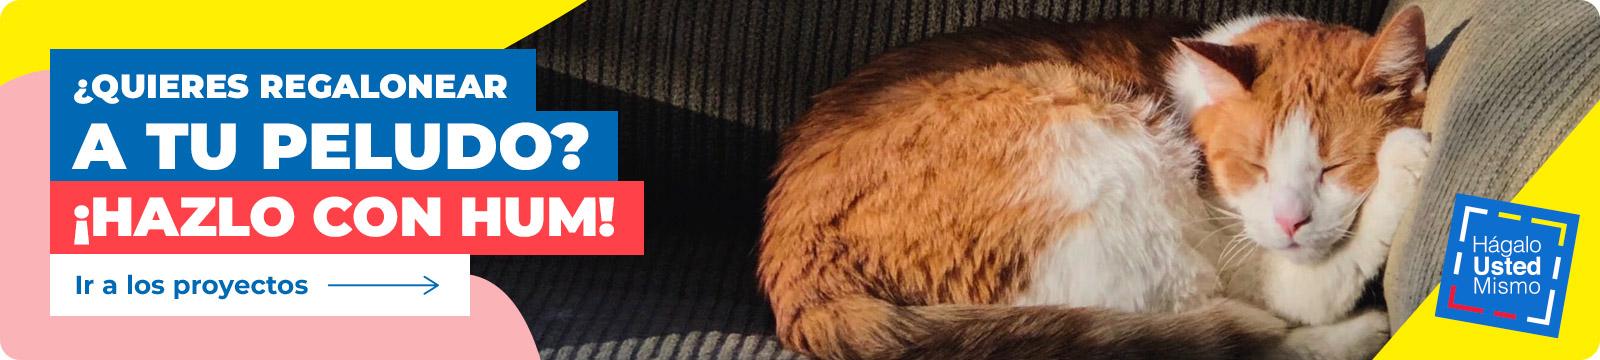 gato naranjo con blanco durmiendo en un sillón